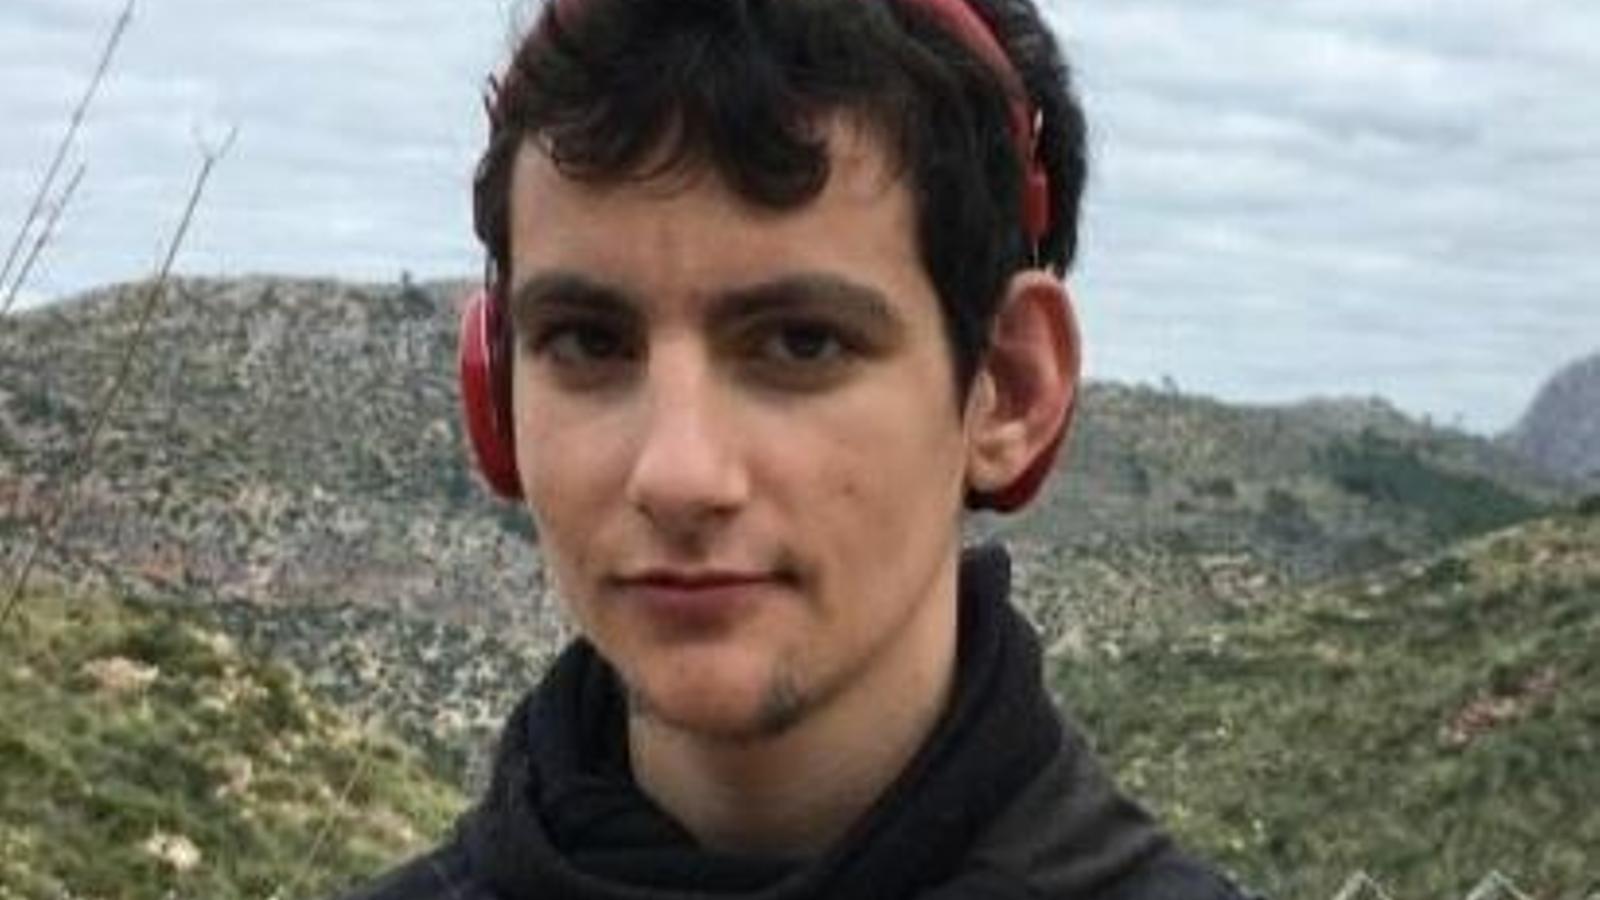 Imatge del jove desaparegut.